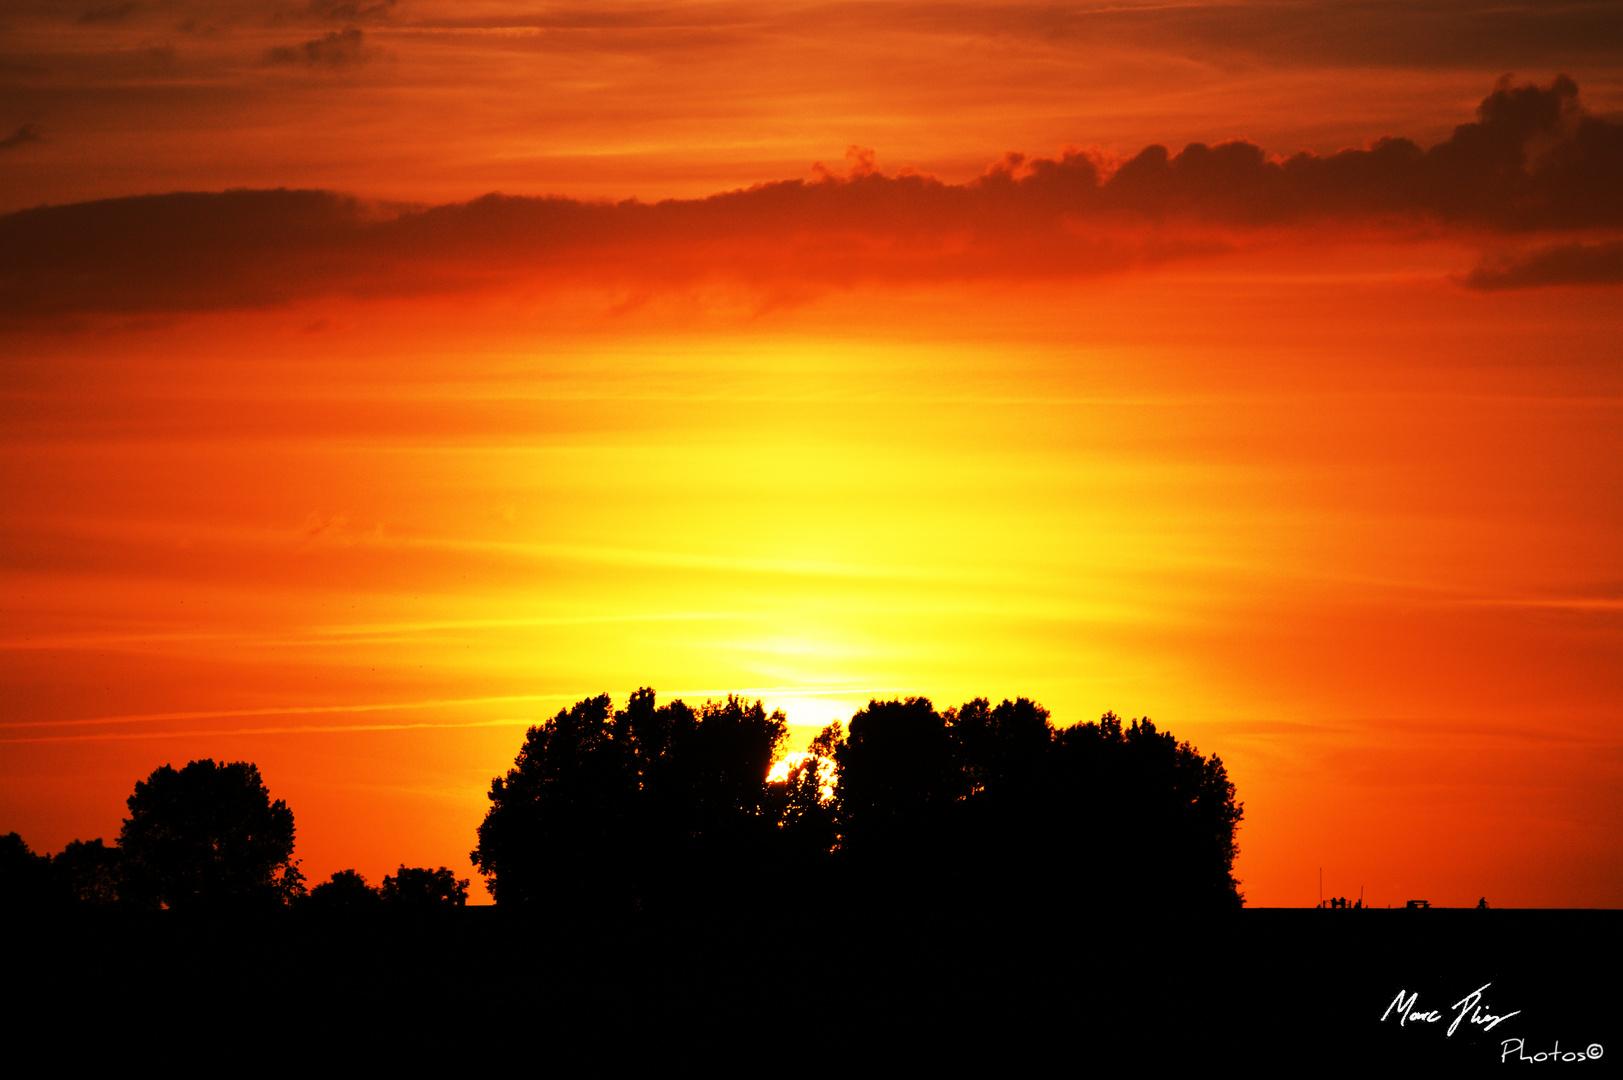 Sonnenuntergang am Deich In Otterndorf an der Nordsee